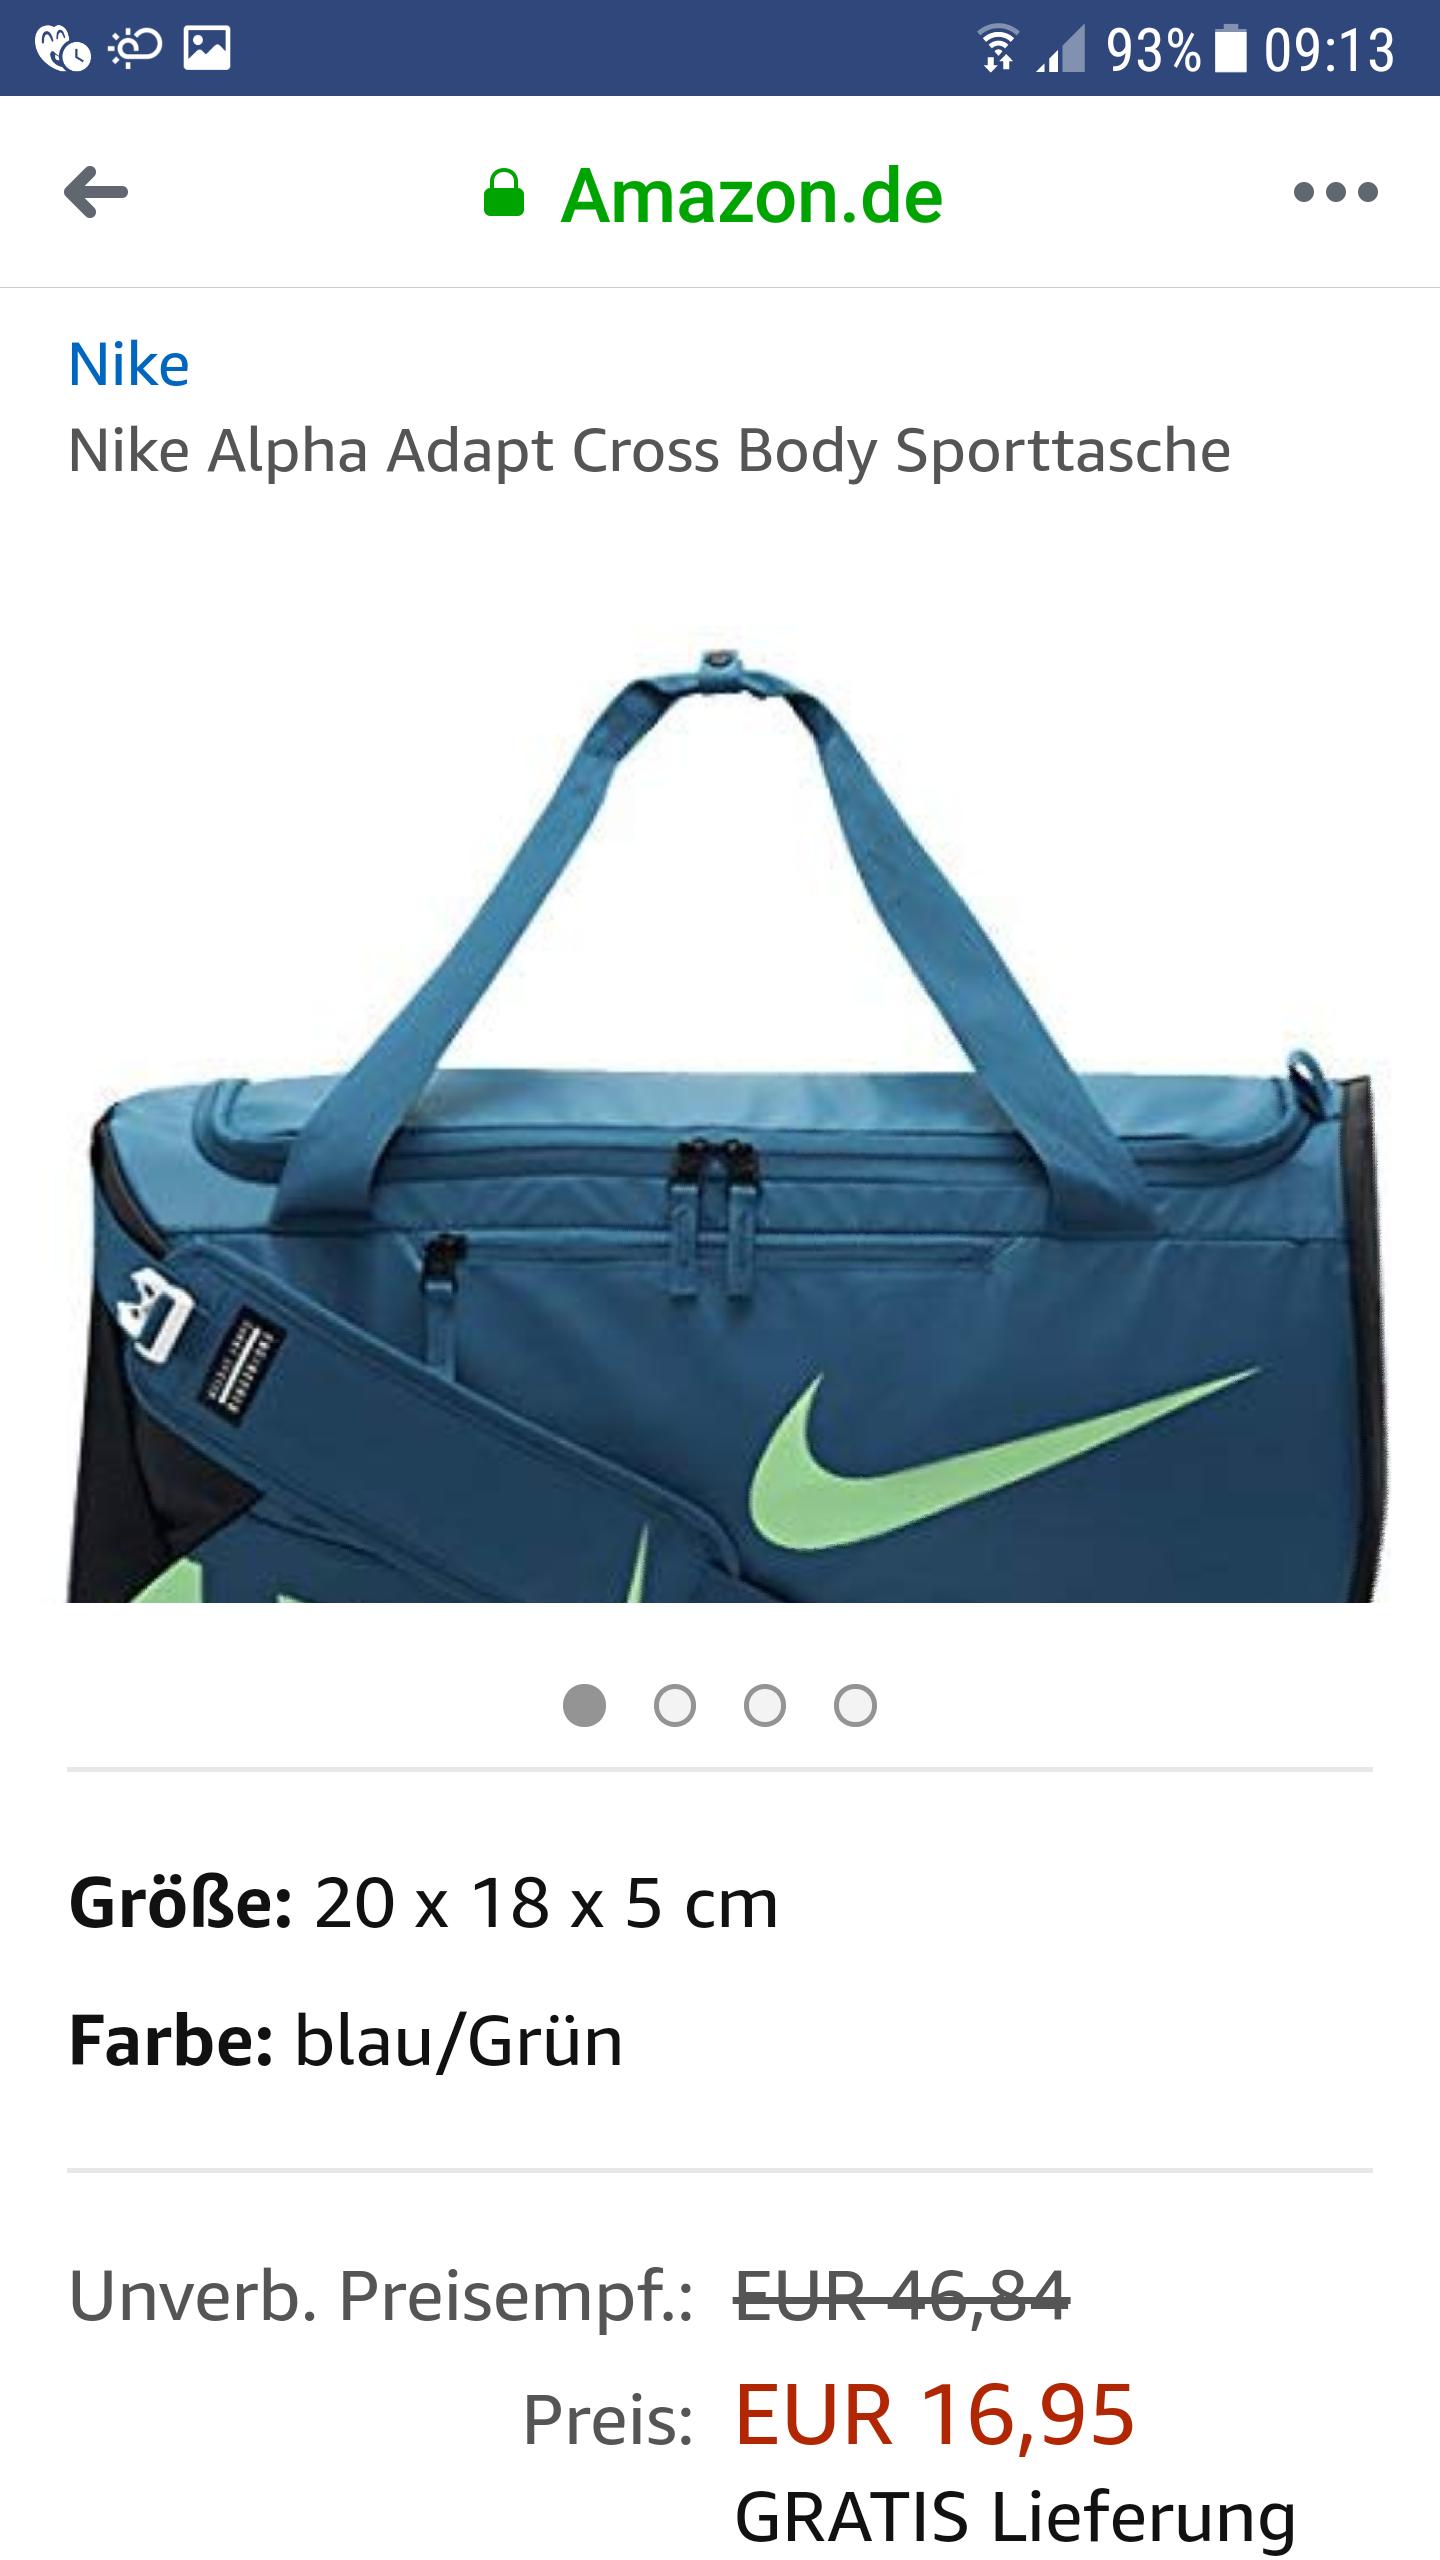 (Amazon) Nike Alpha Adapt Cross Body Sporttasche mit Prime für 16,95€